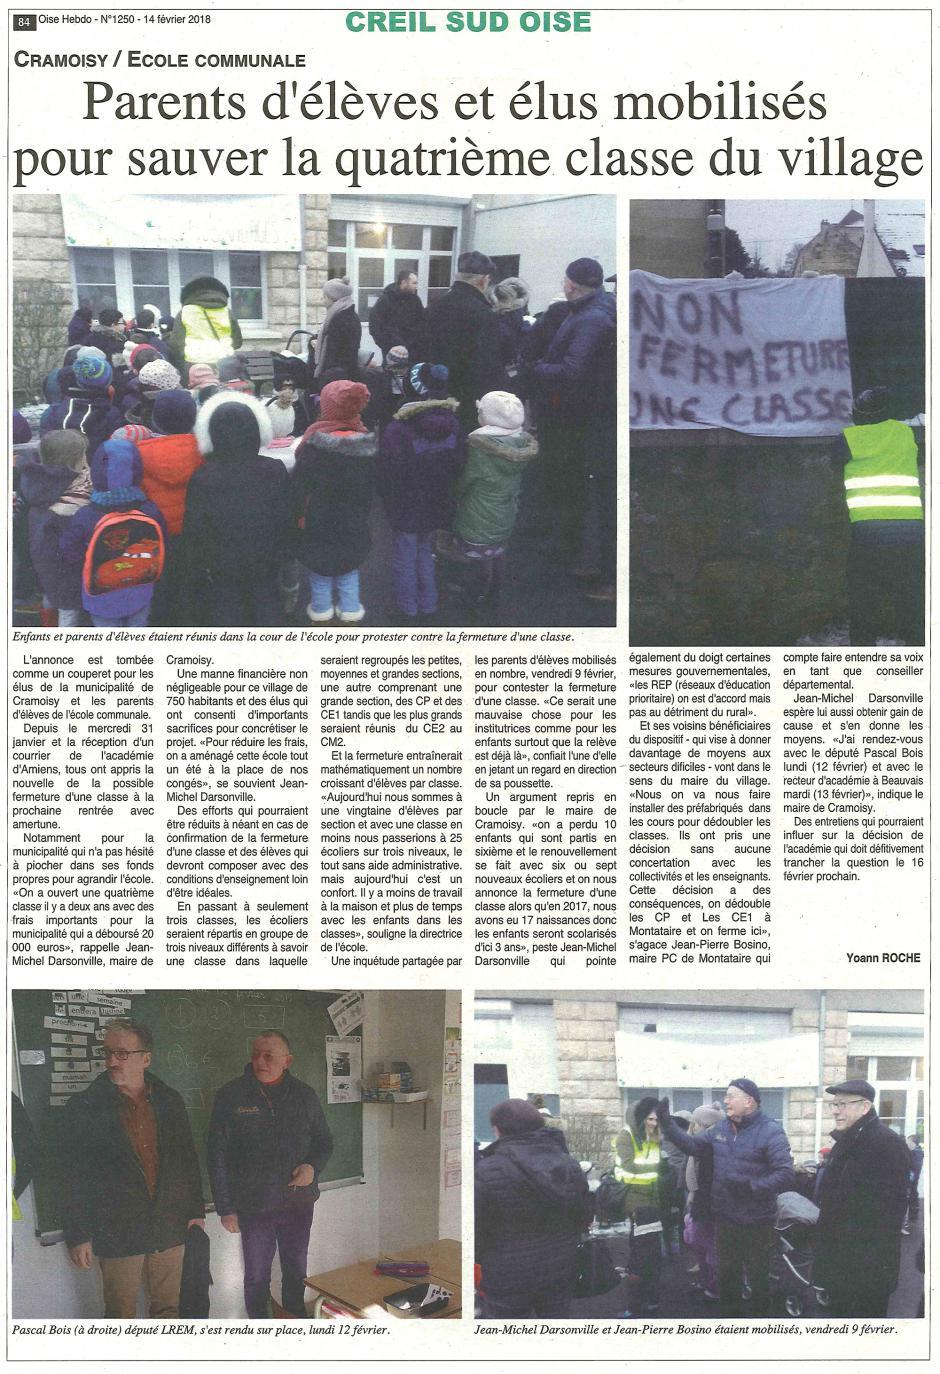 20180214-OH-Cramoisy-Parents d'élèves et élus mobilisés pour sauver la quatrième classe du village